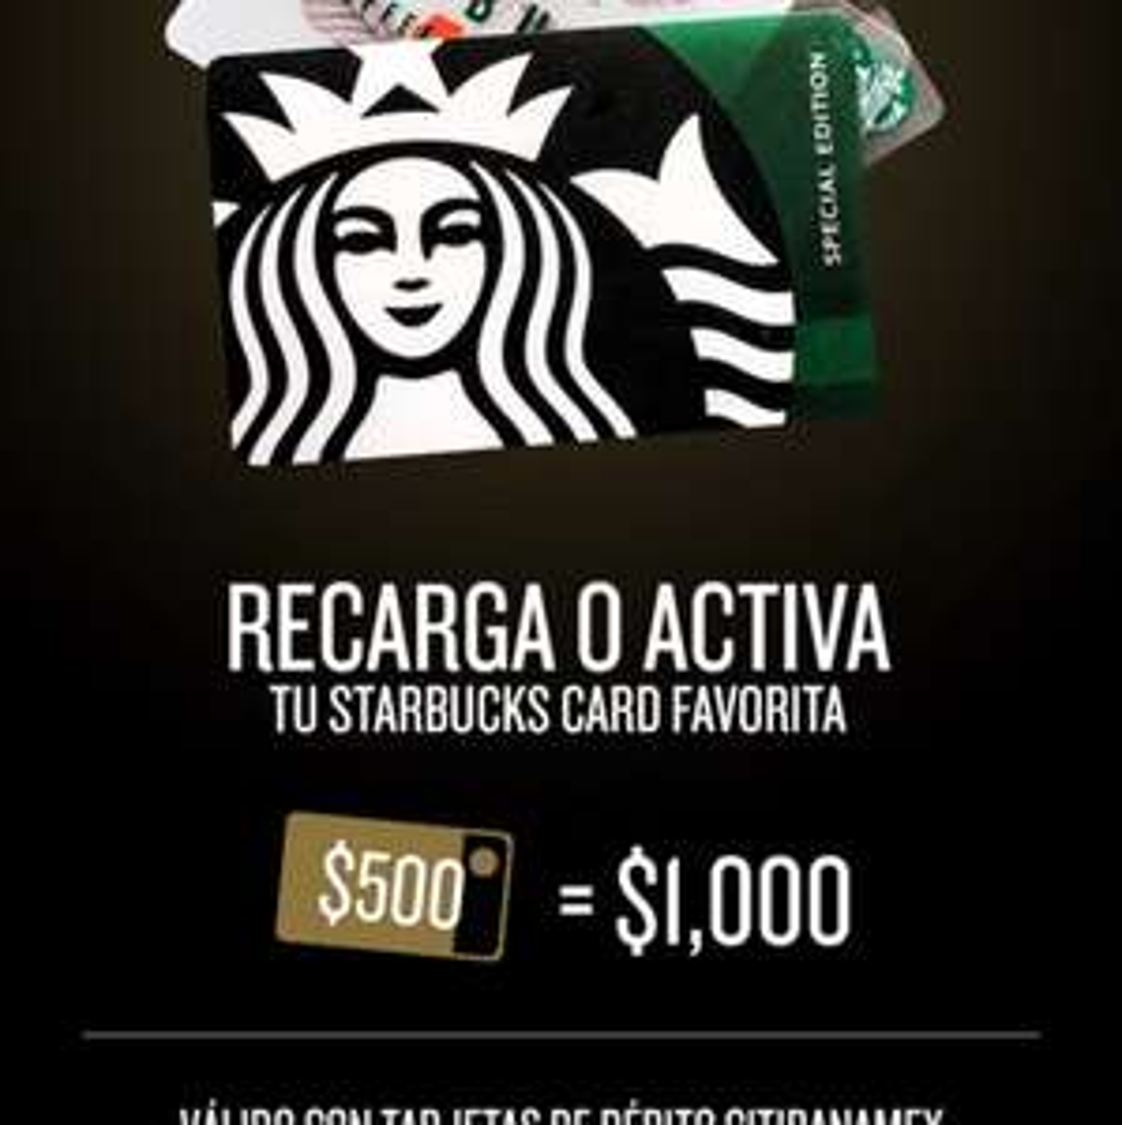 Starbucks: Recarca $500 con Banamex y recibe $1000